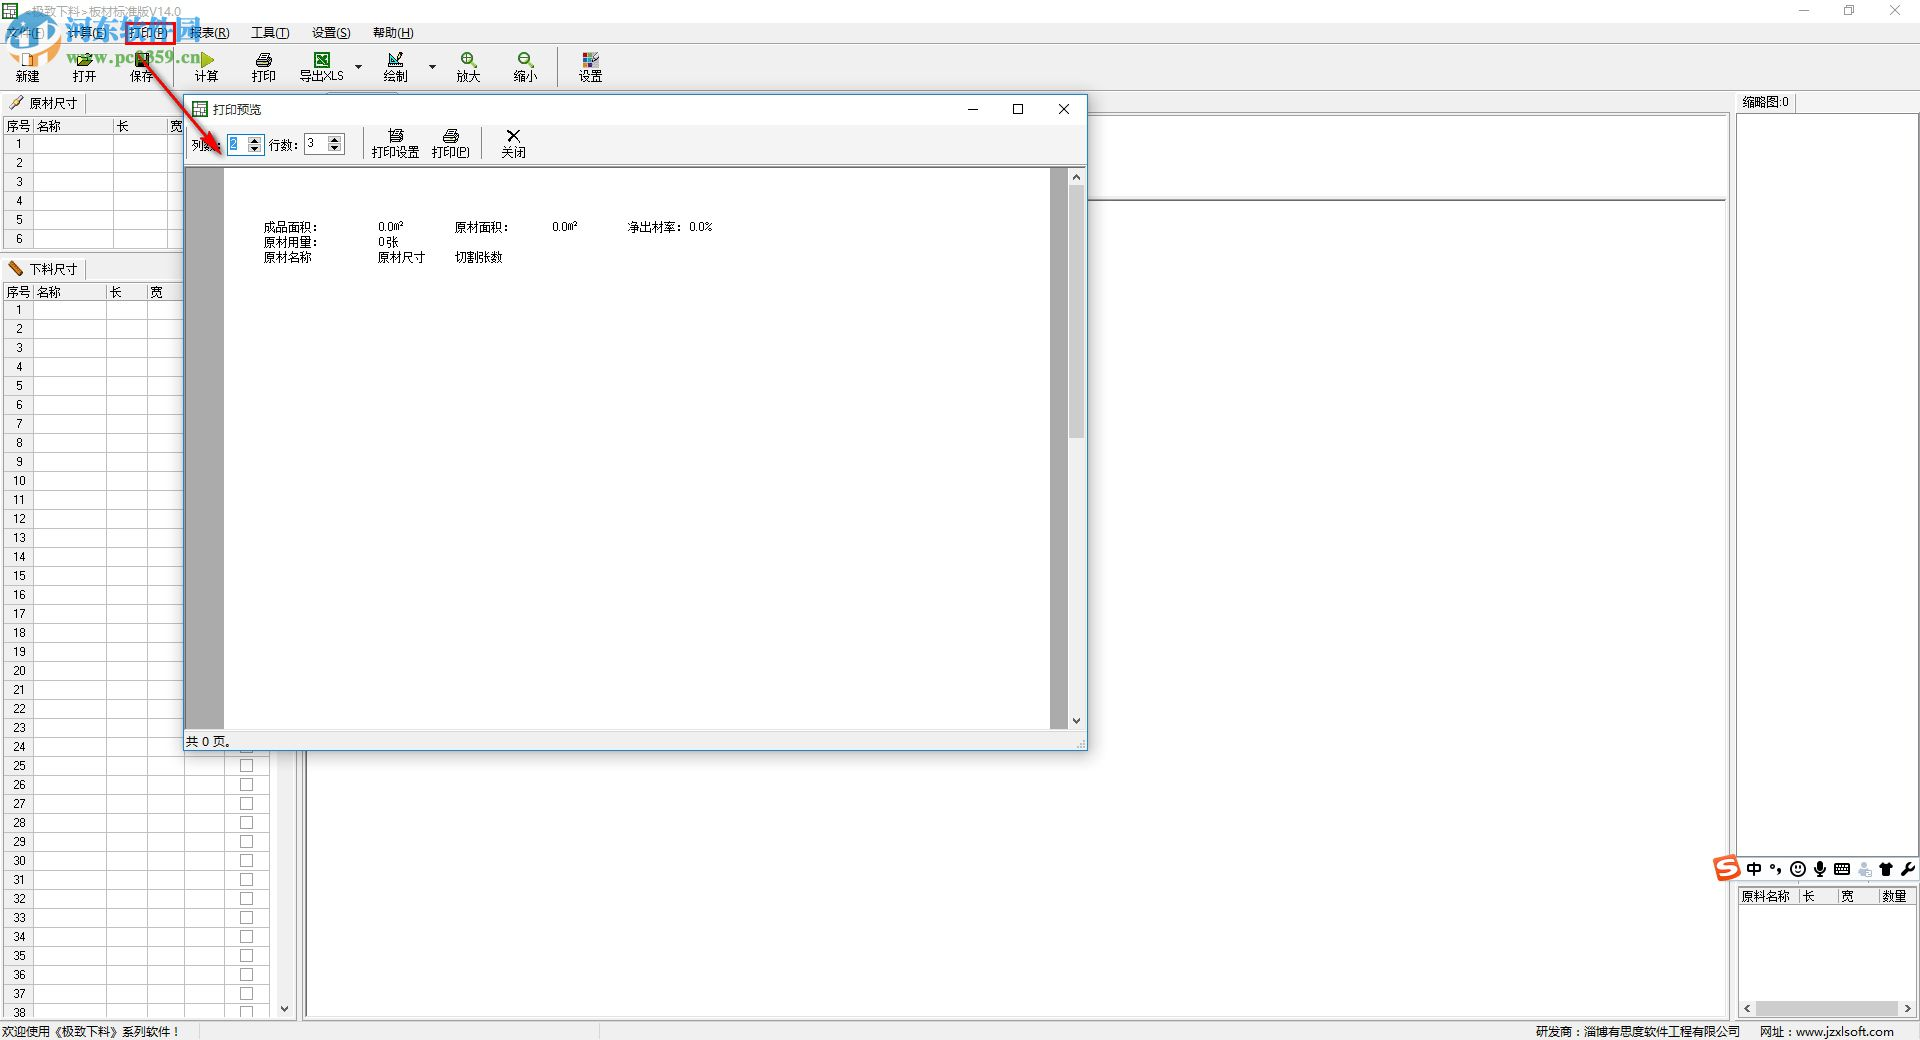 极致下料板材开料软件下载 12.7.1 官方版